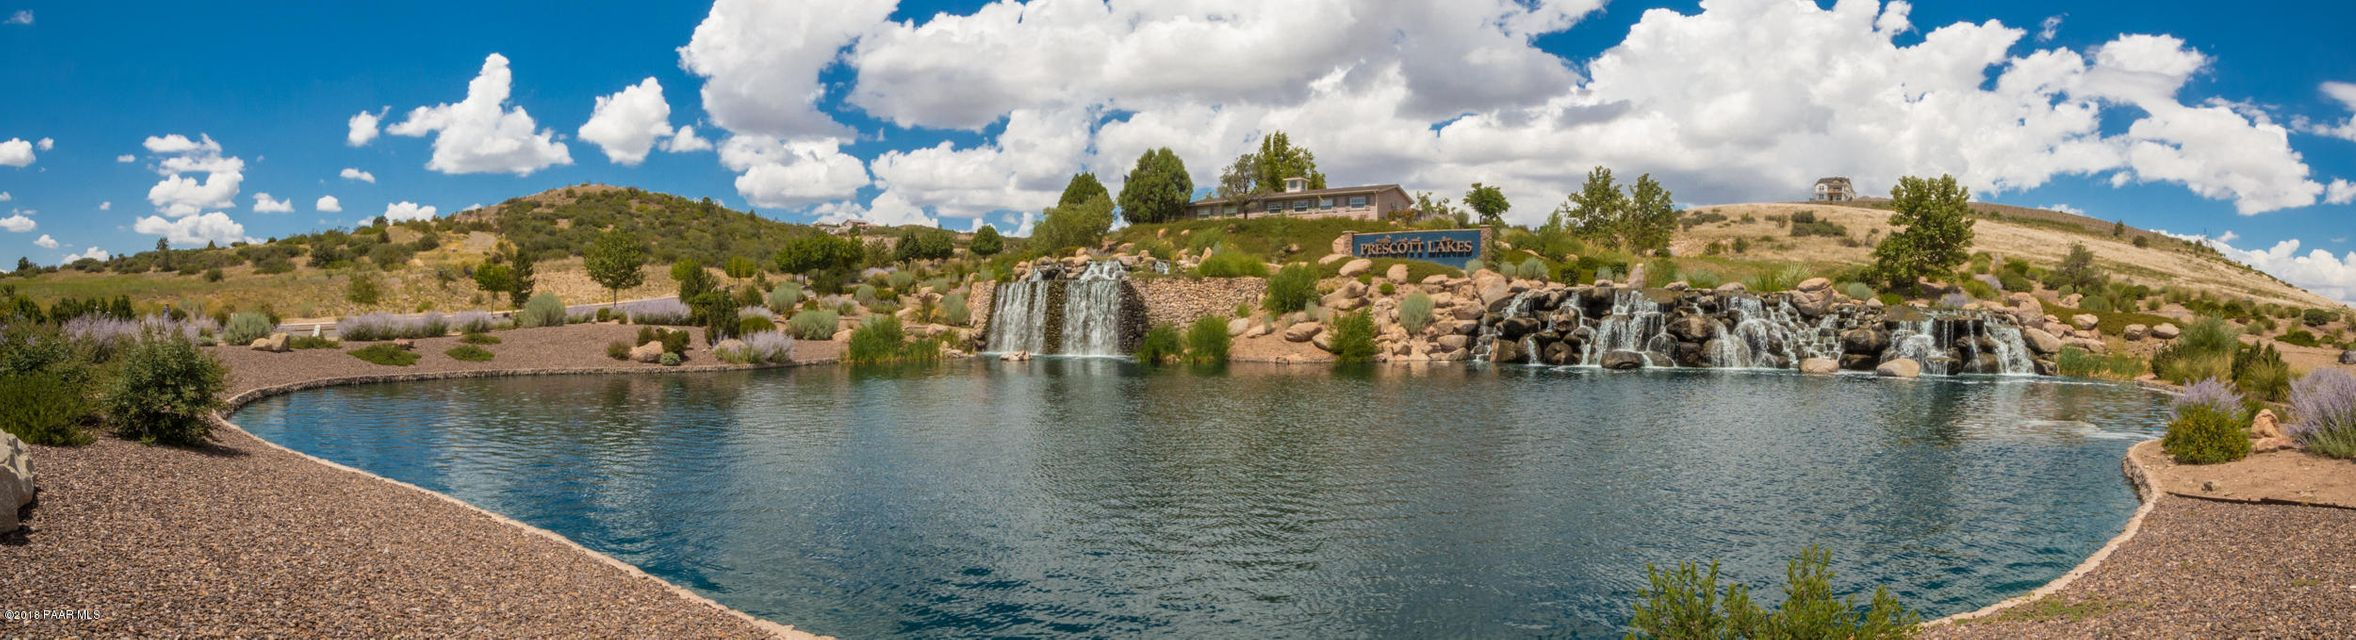 1235 S Lakeview Drive Prescott, AZ 86301 - MLS #: 1013570